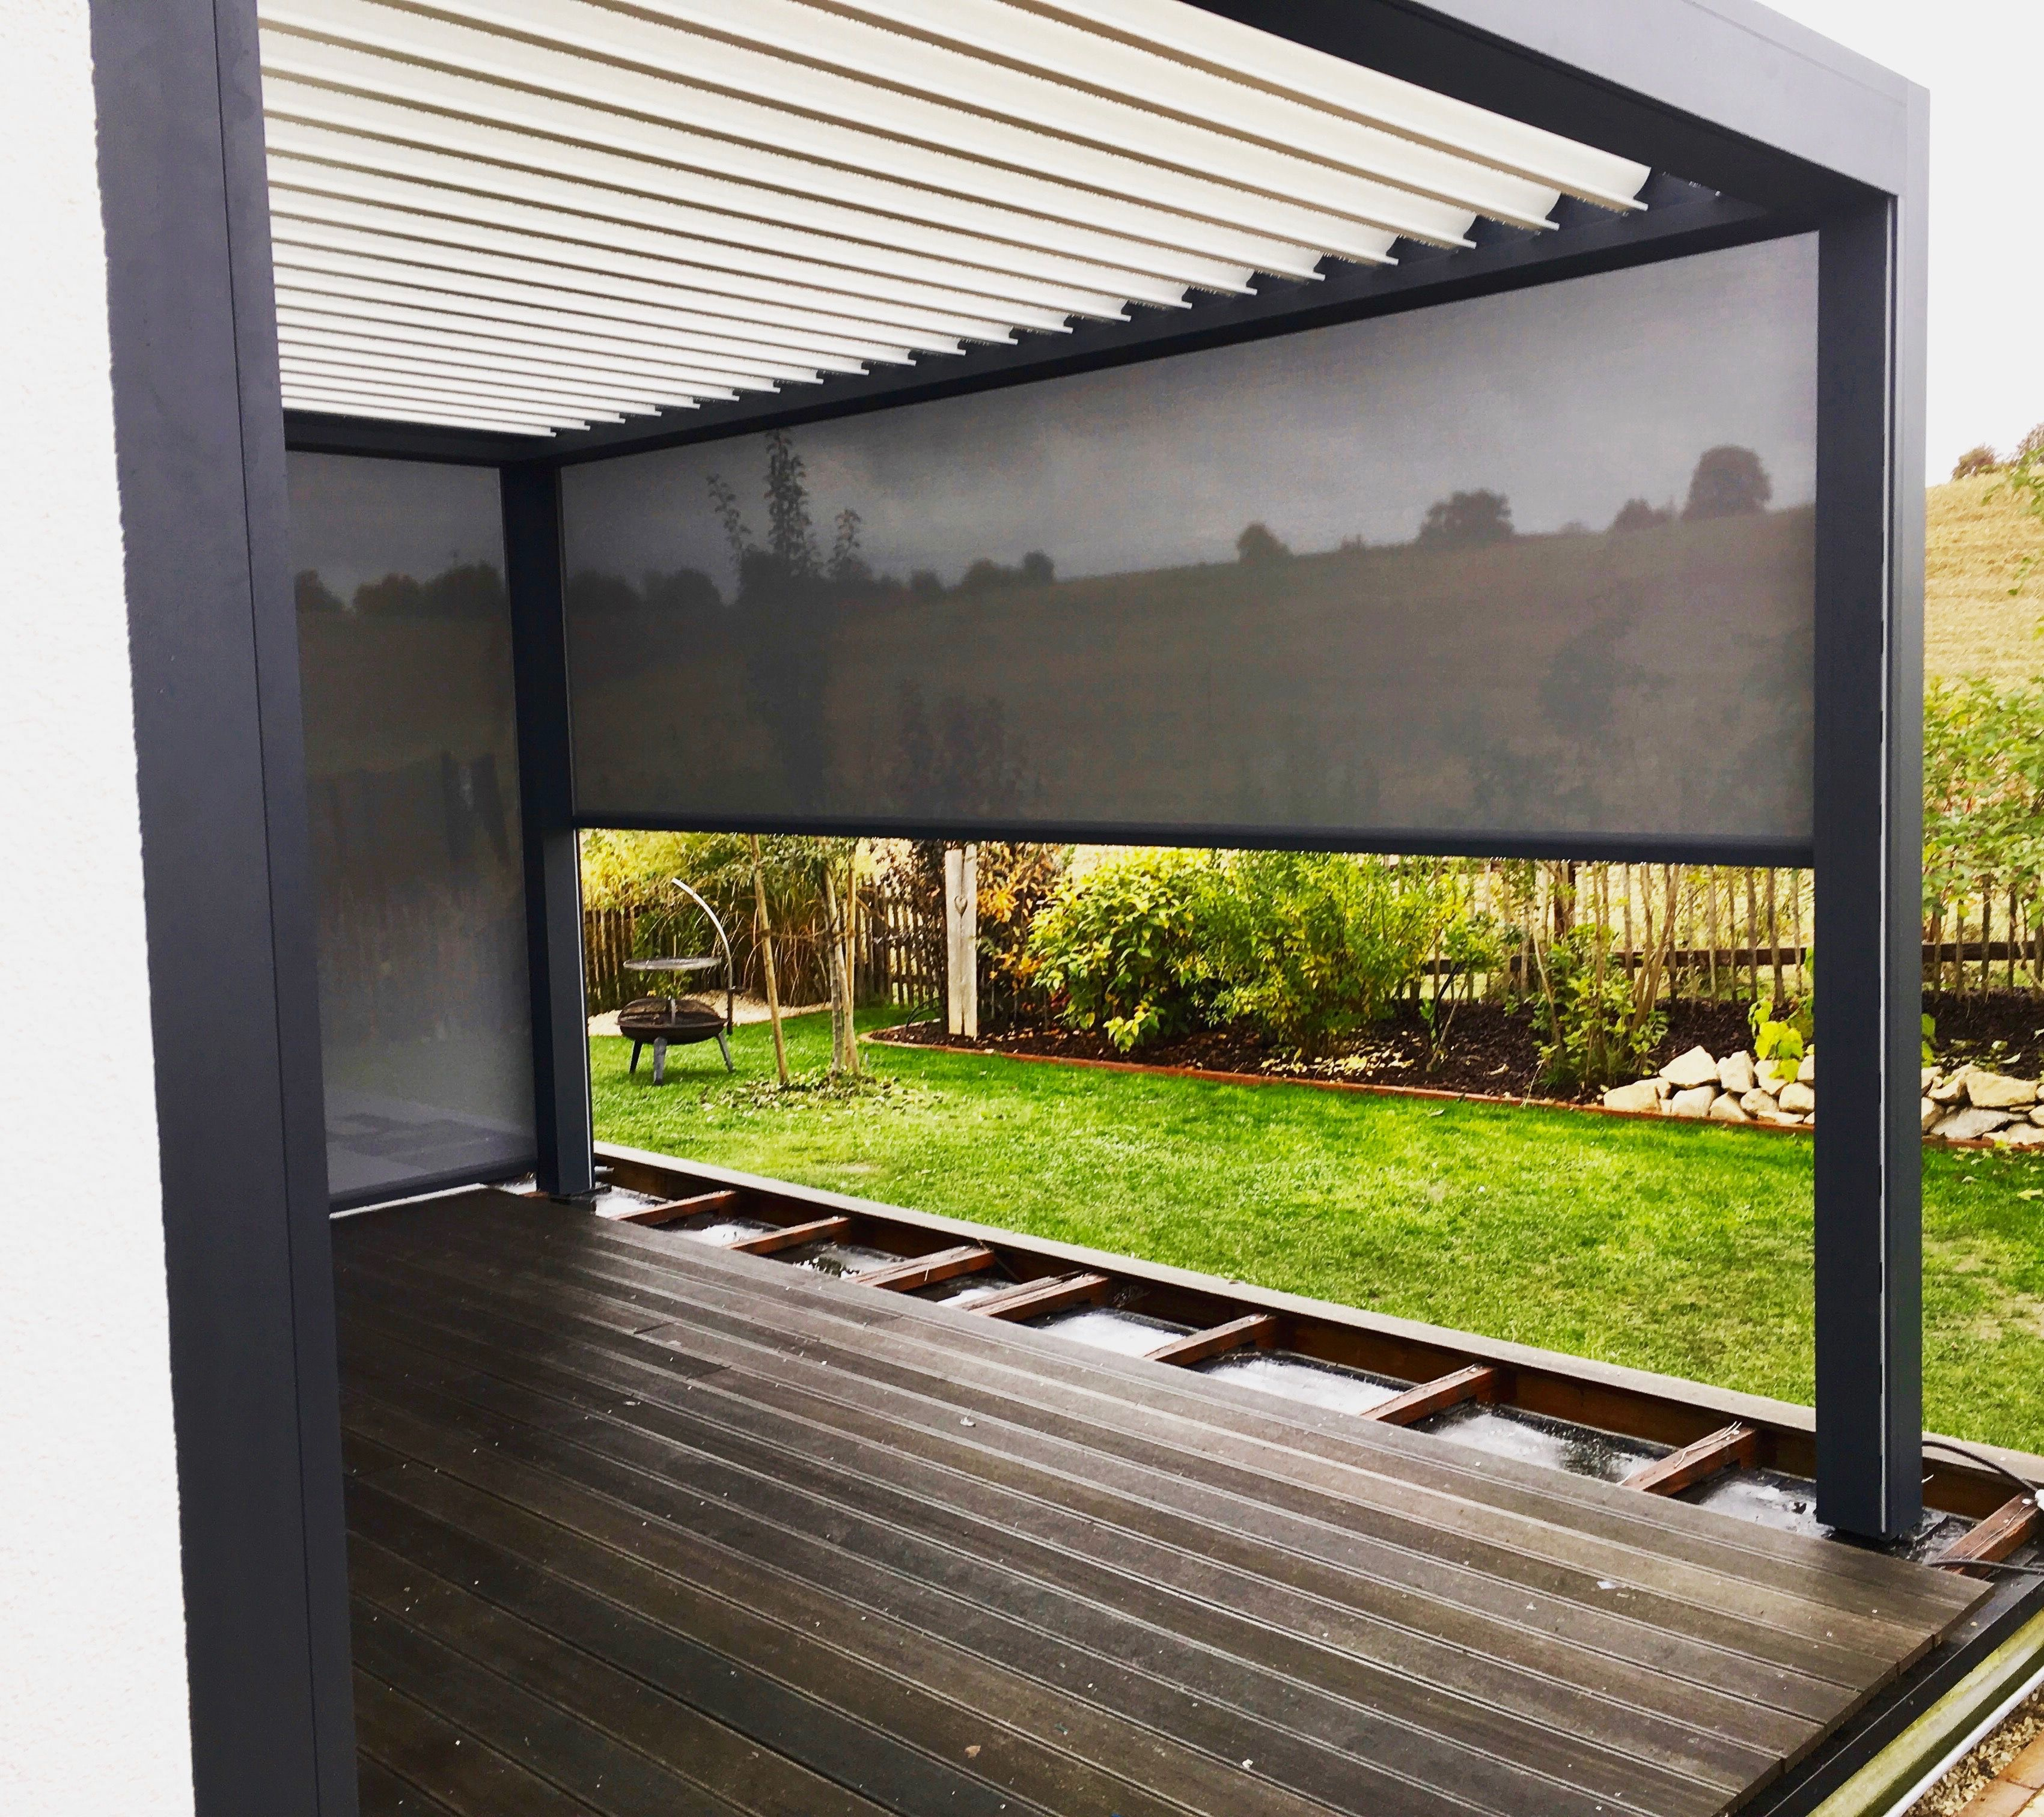 Lamellendach, einfach optimaler Sonnen- und Wetterschutz mit der bioclimatischen Pergola B200, mit drei Vertikalanlage als Zip mit Screen. [FEROBAU] #terassenüberdachung